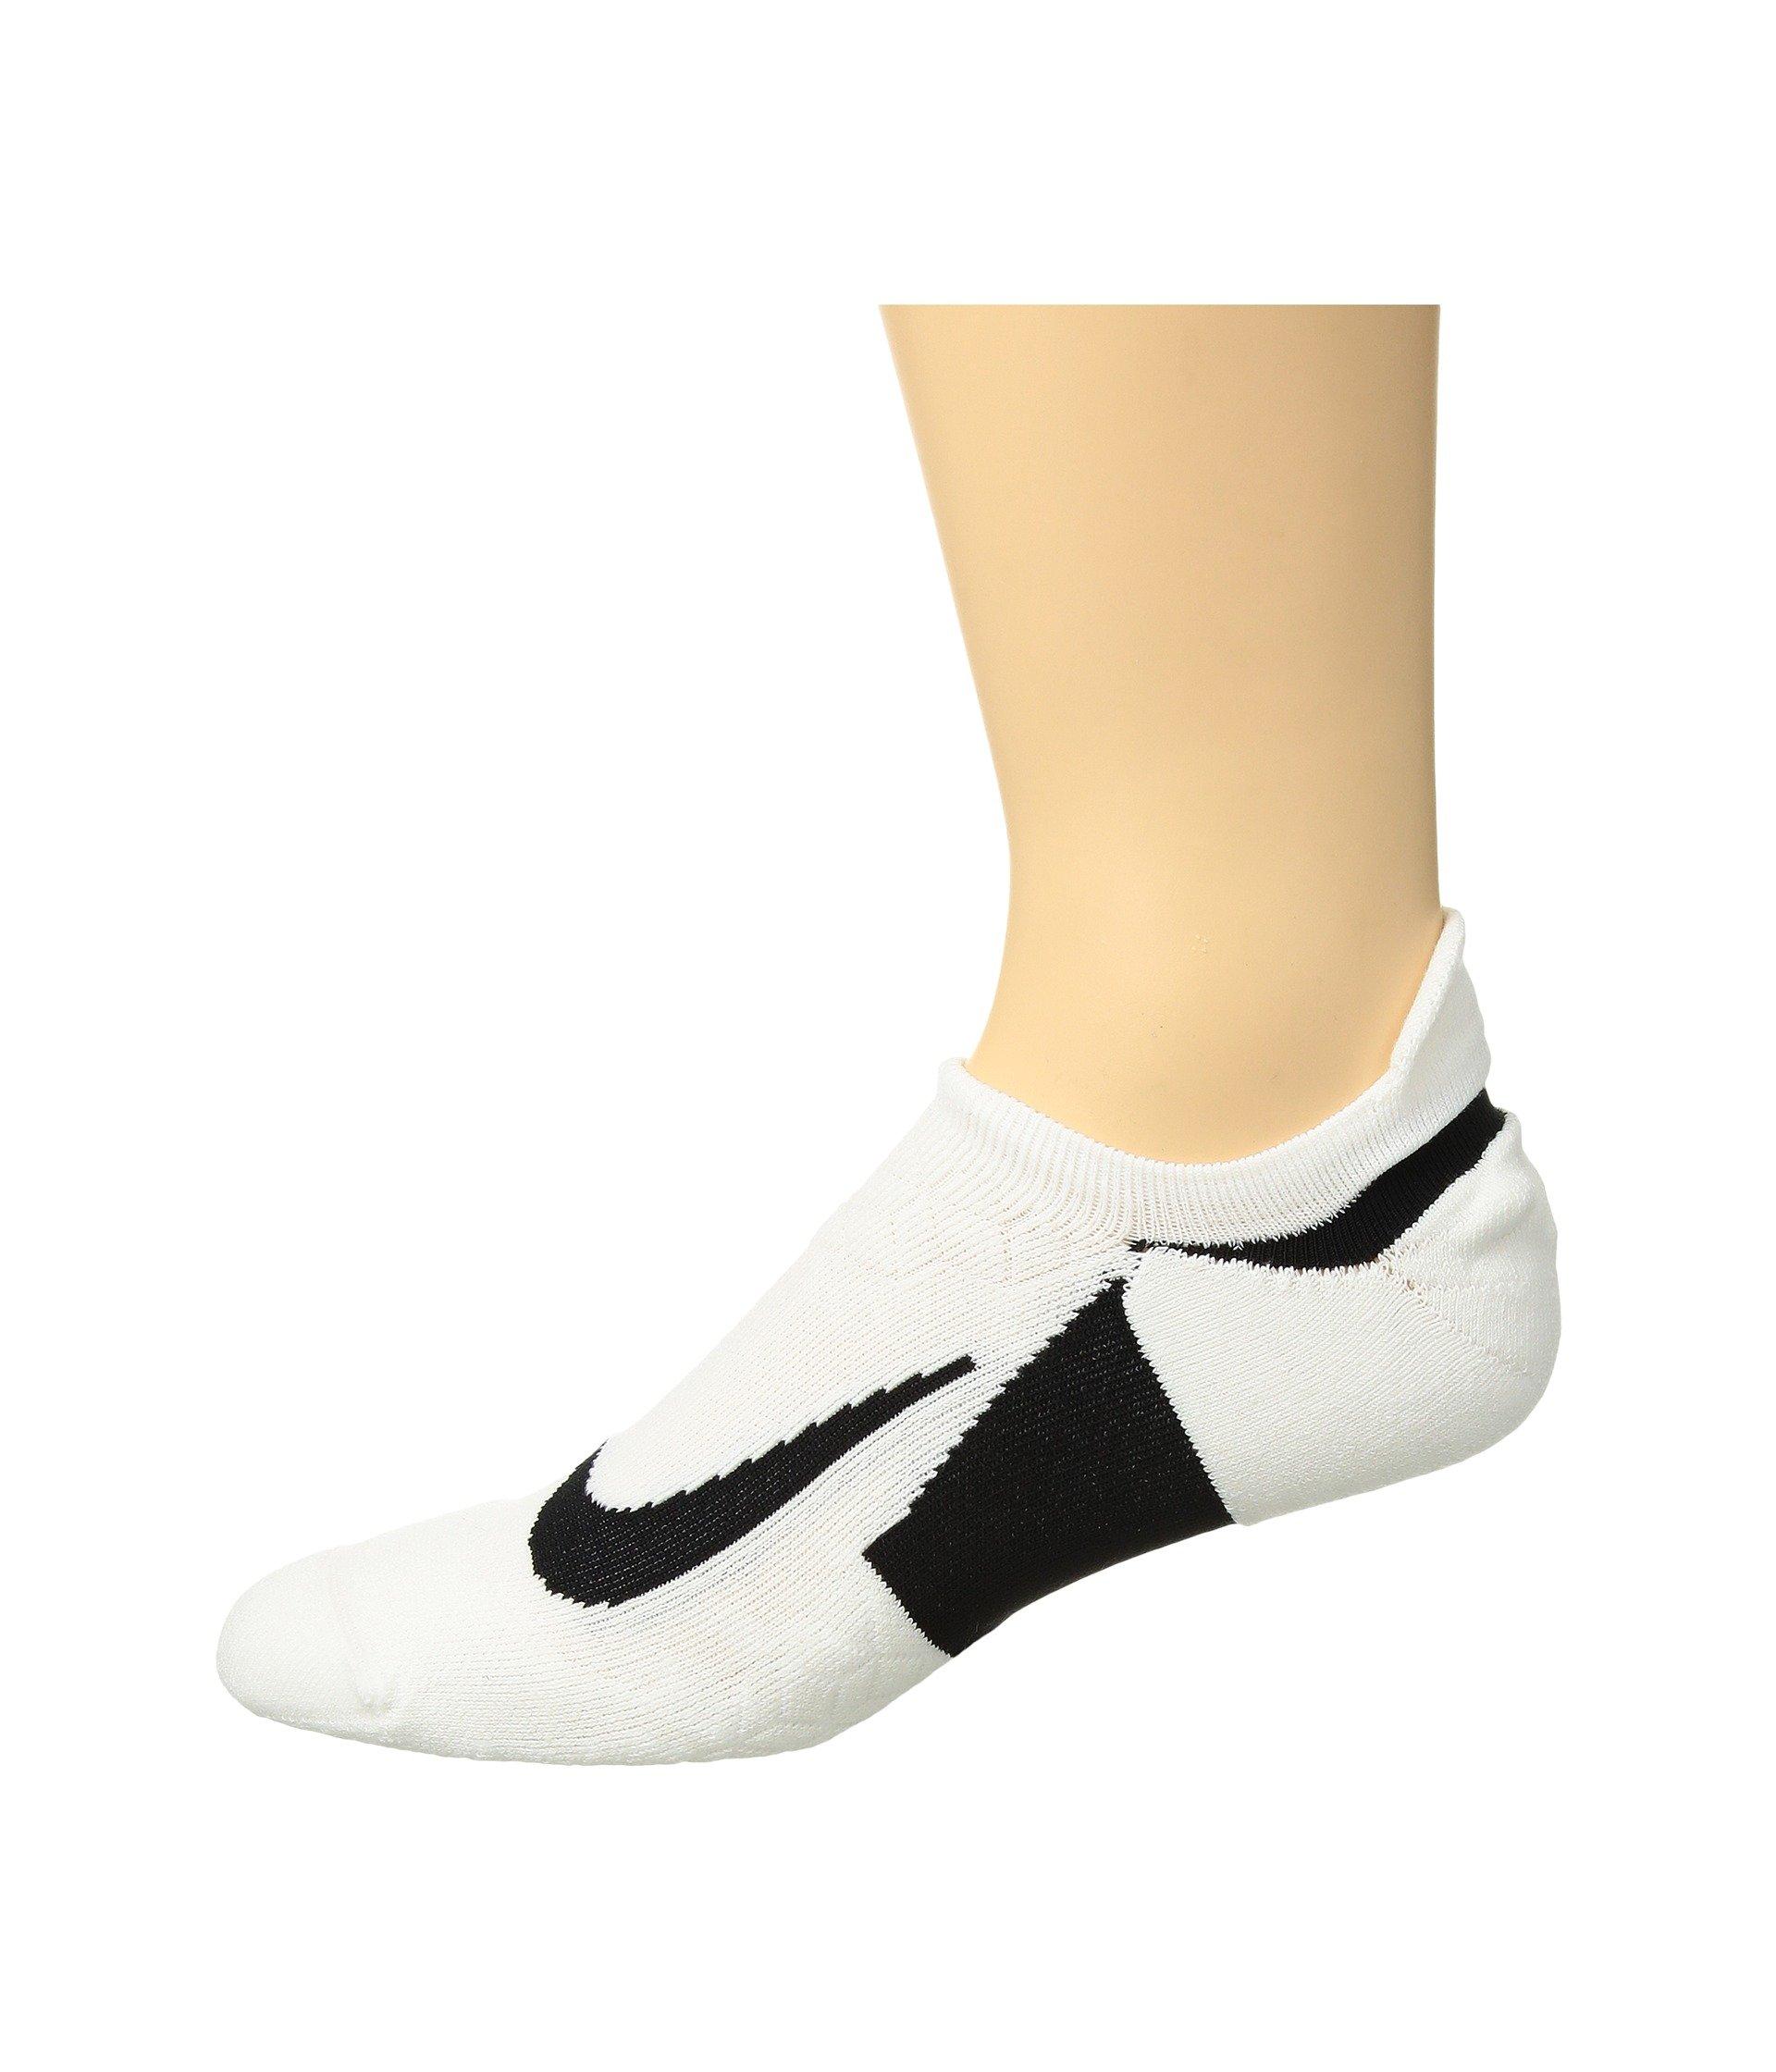 Cushion Elite Running Nike show White Tab No Socks black black 5gvvqwB